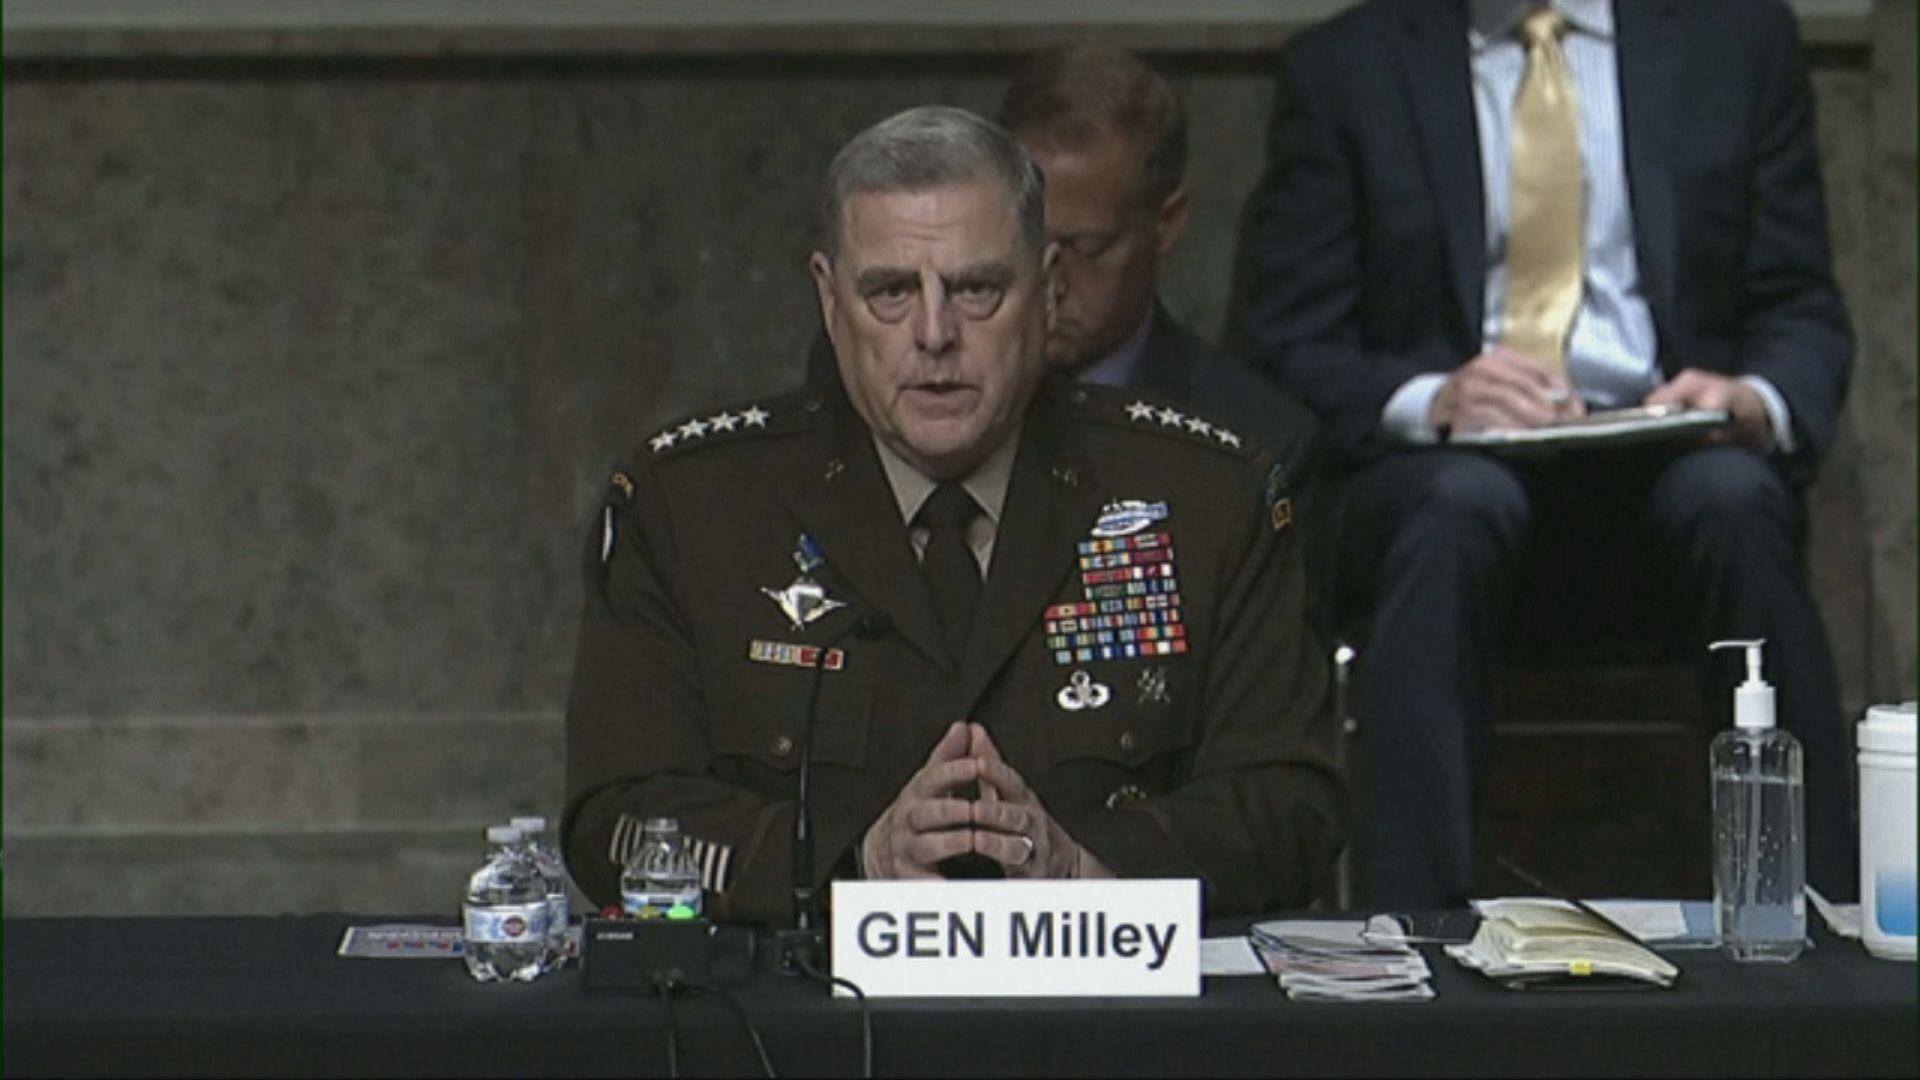 米利重申兩度聯絡解放軍高層符合職責